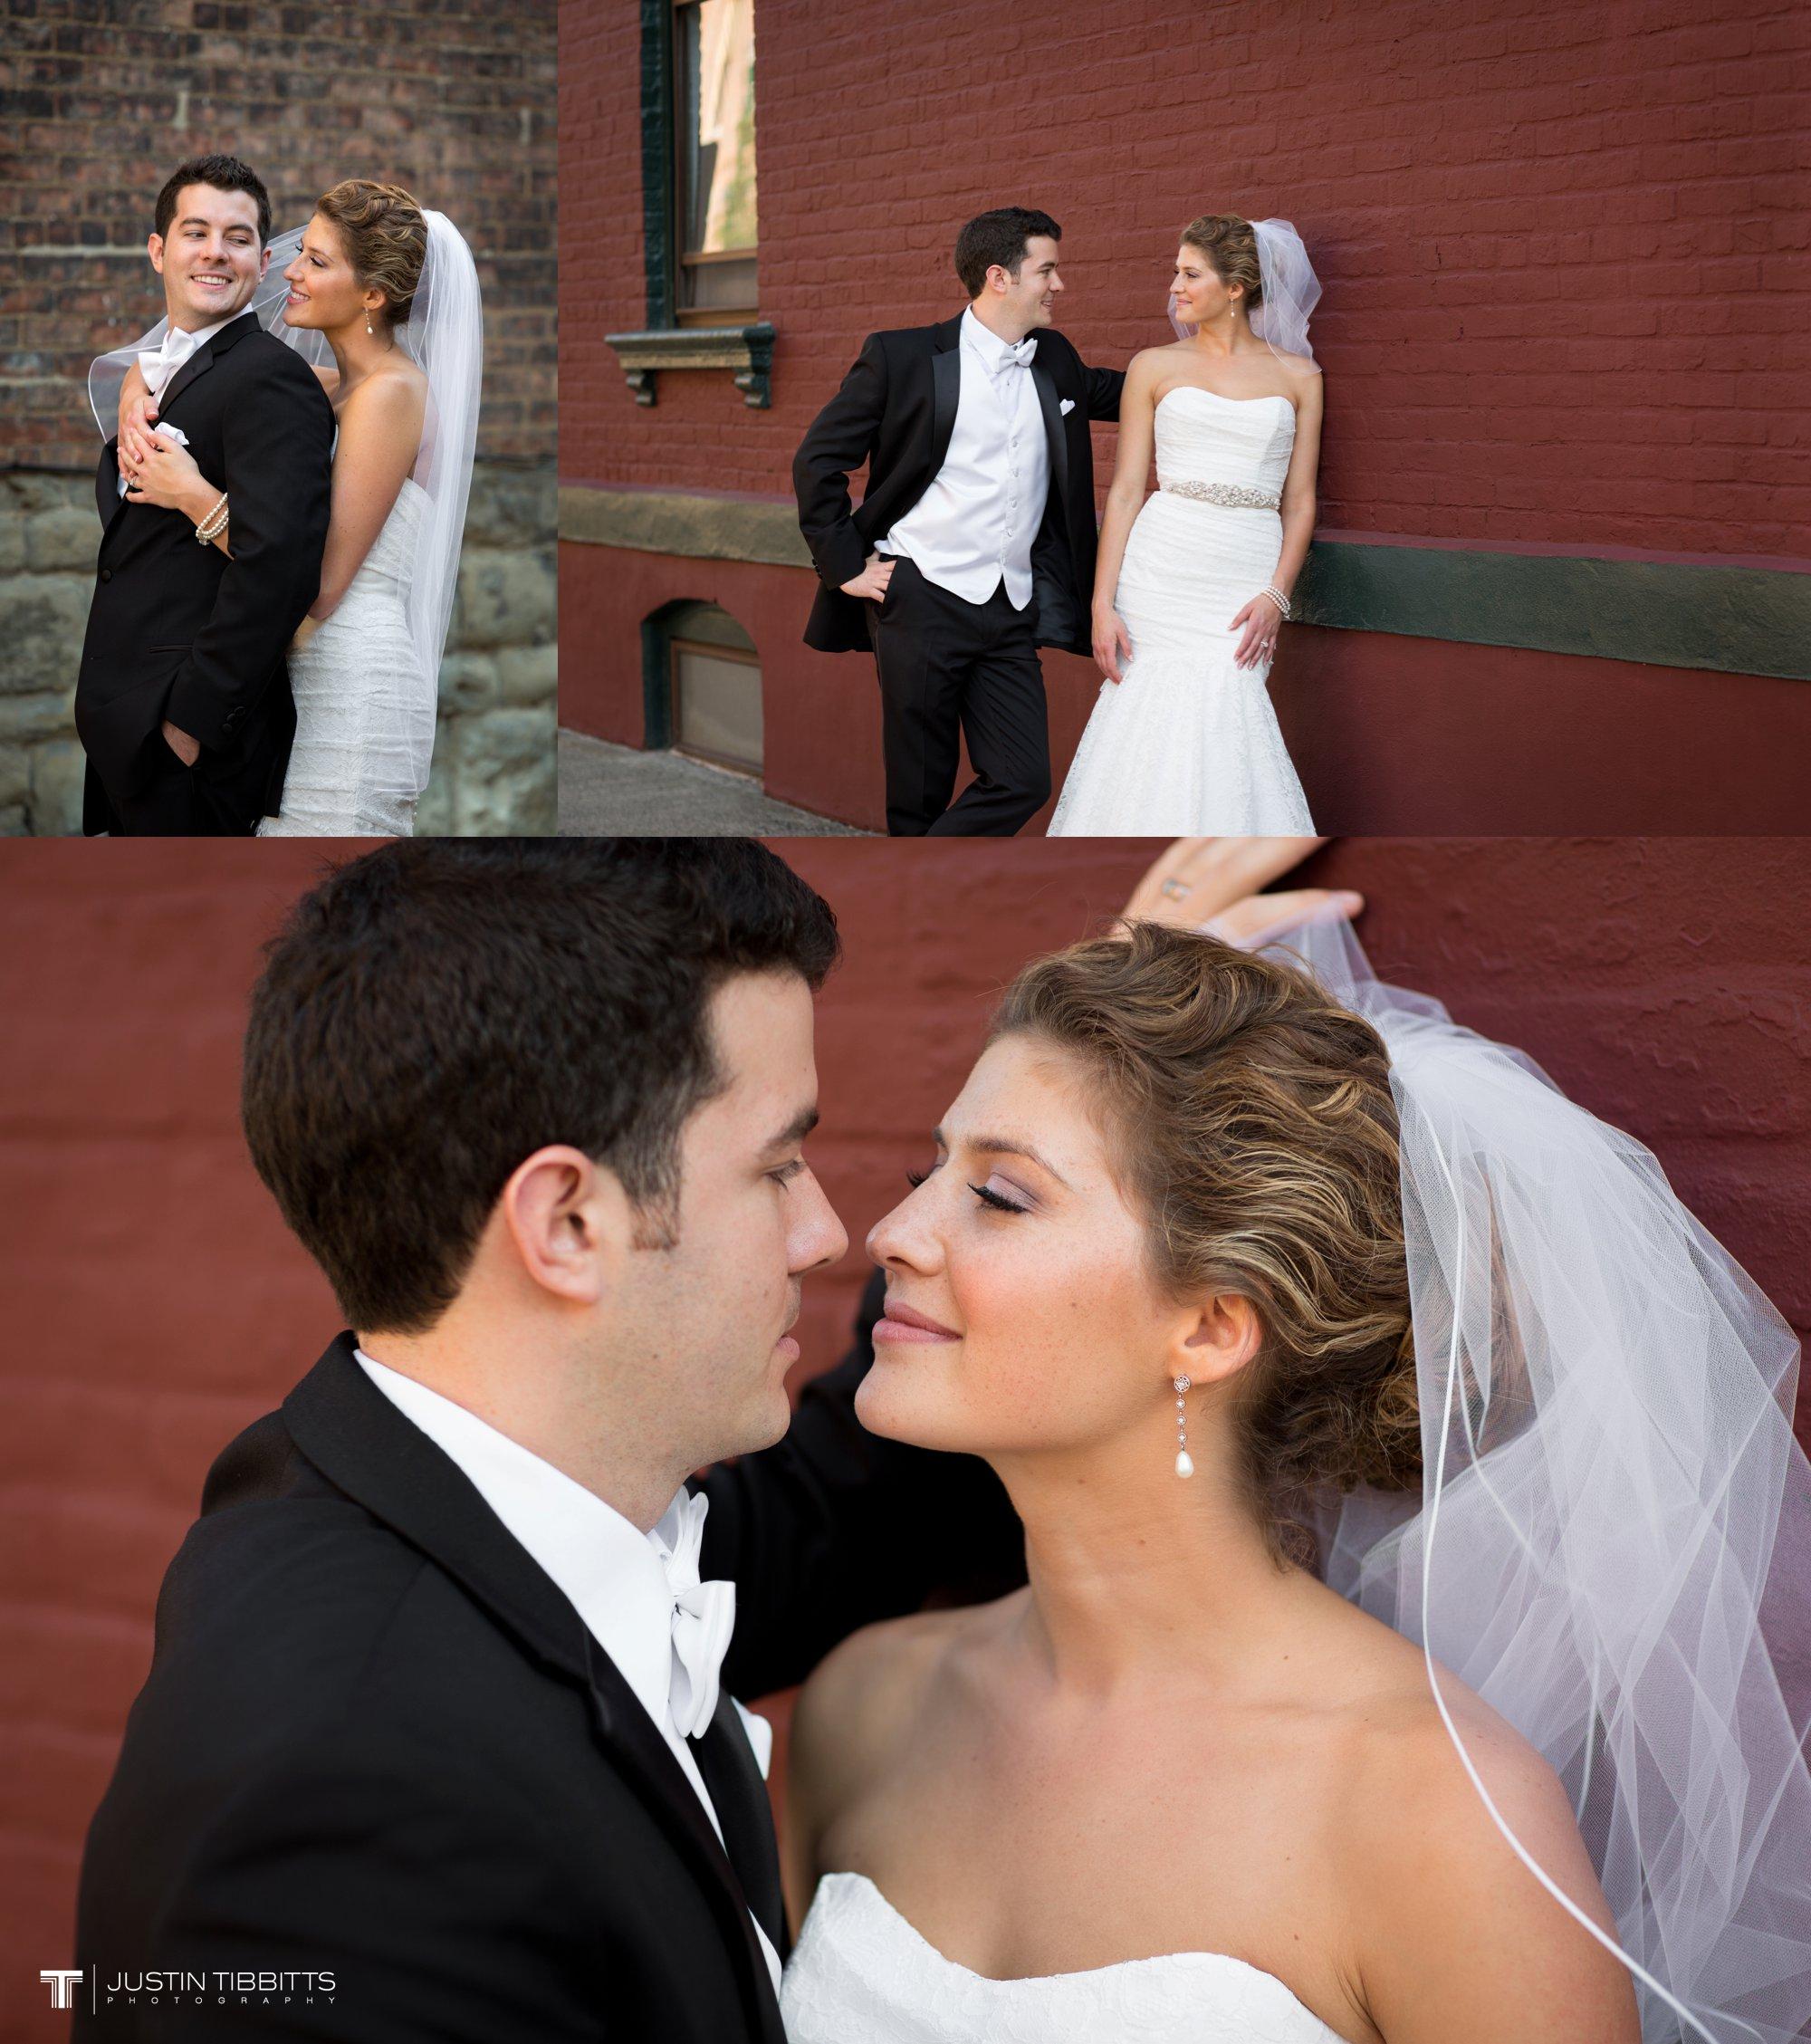 Albany NY Wedding Photographer Justin Tibbitts Photography 2014 Best of Albany NY Weddings-25511335